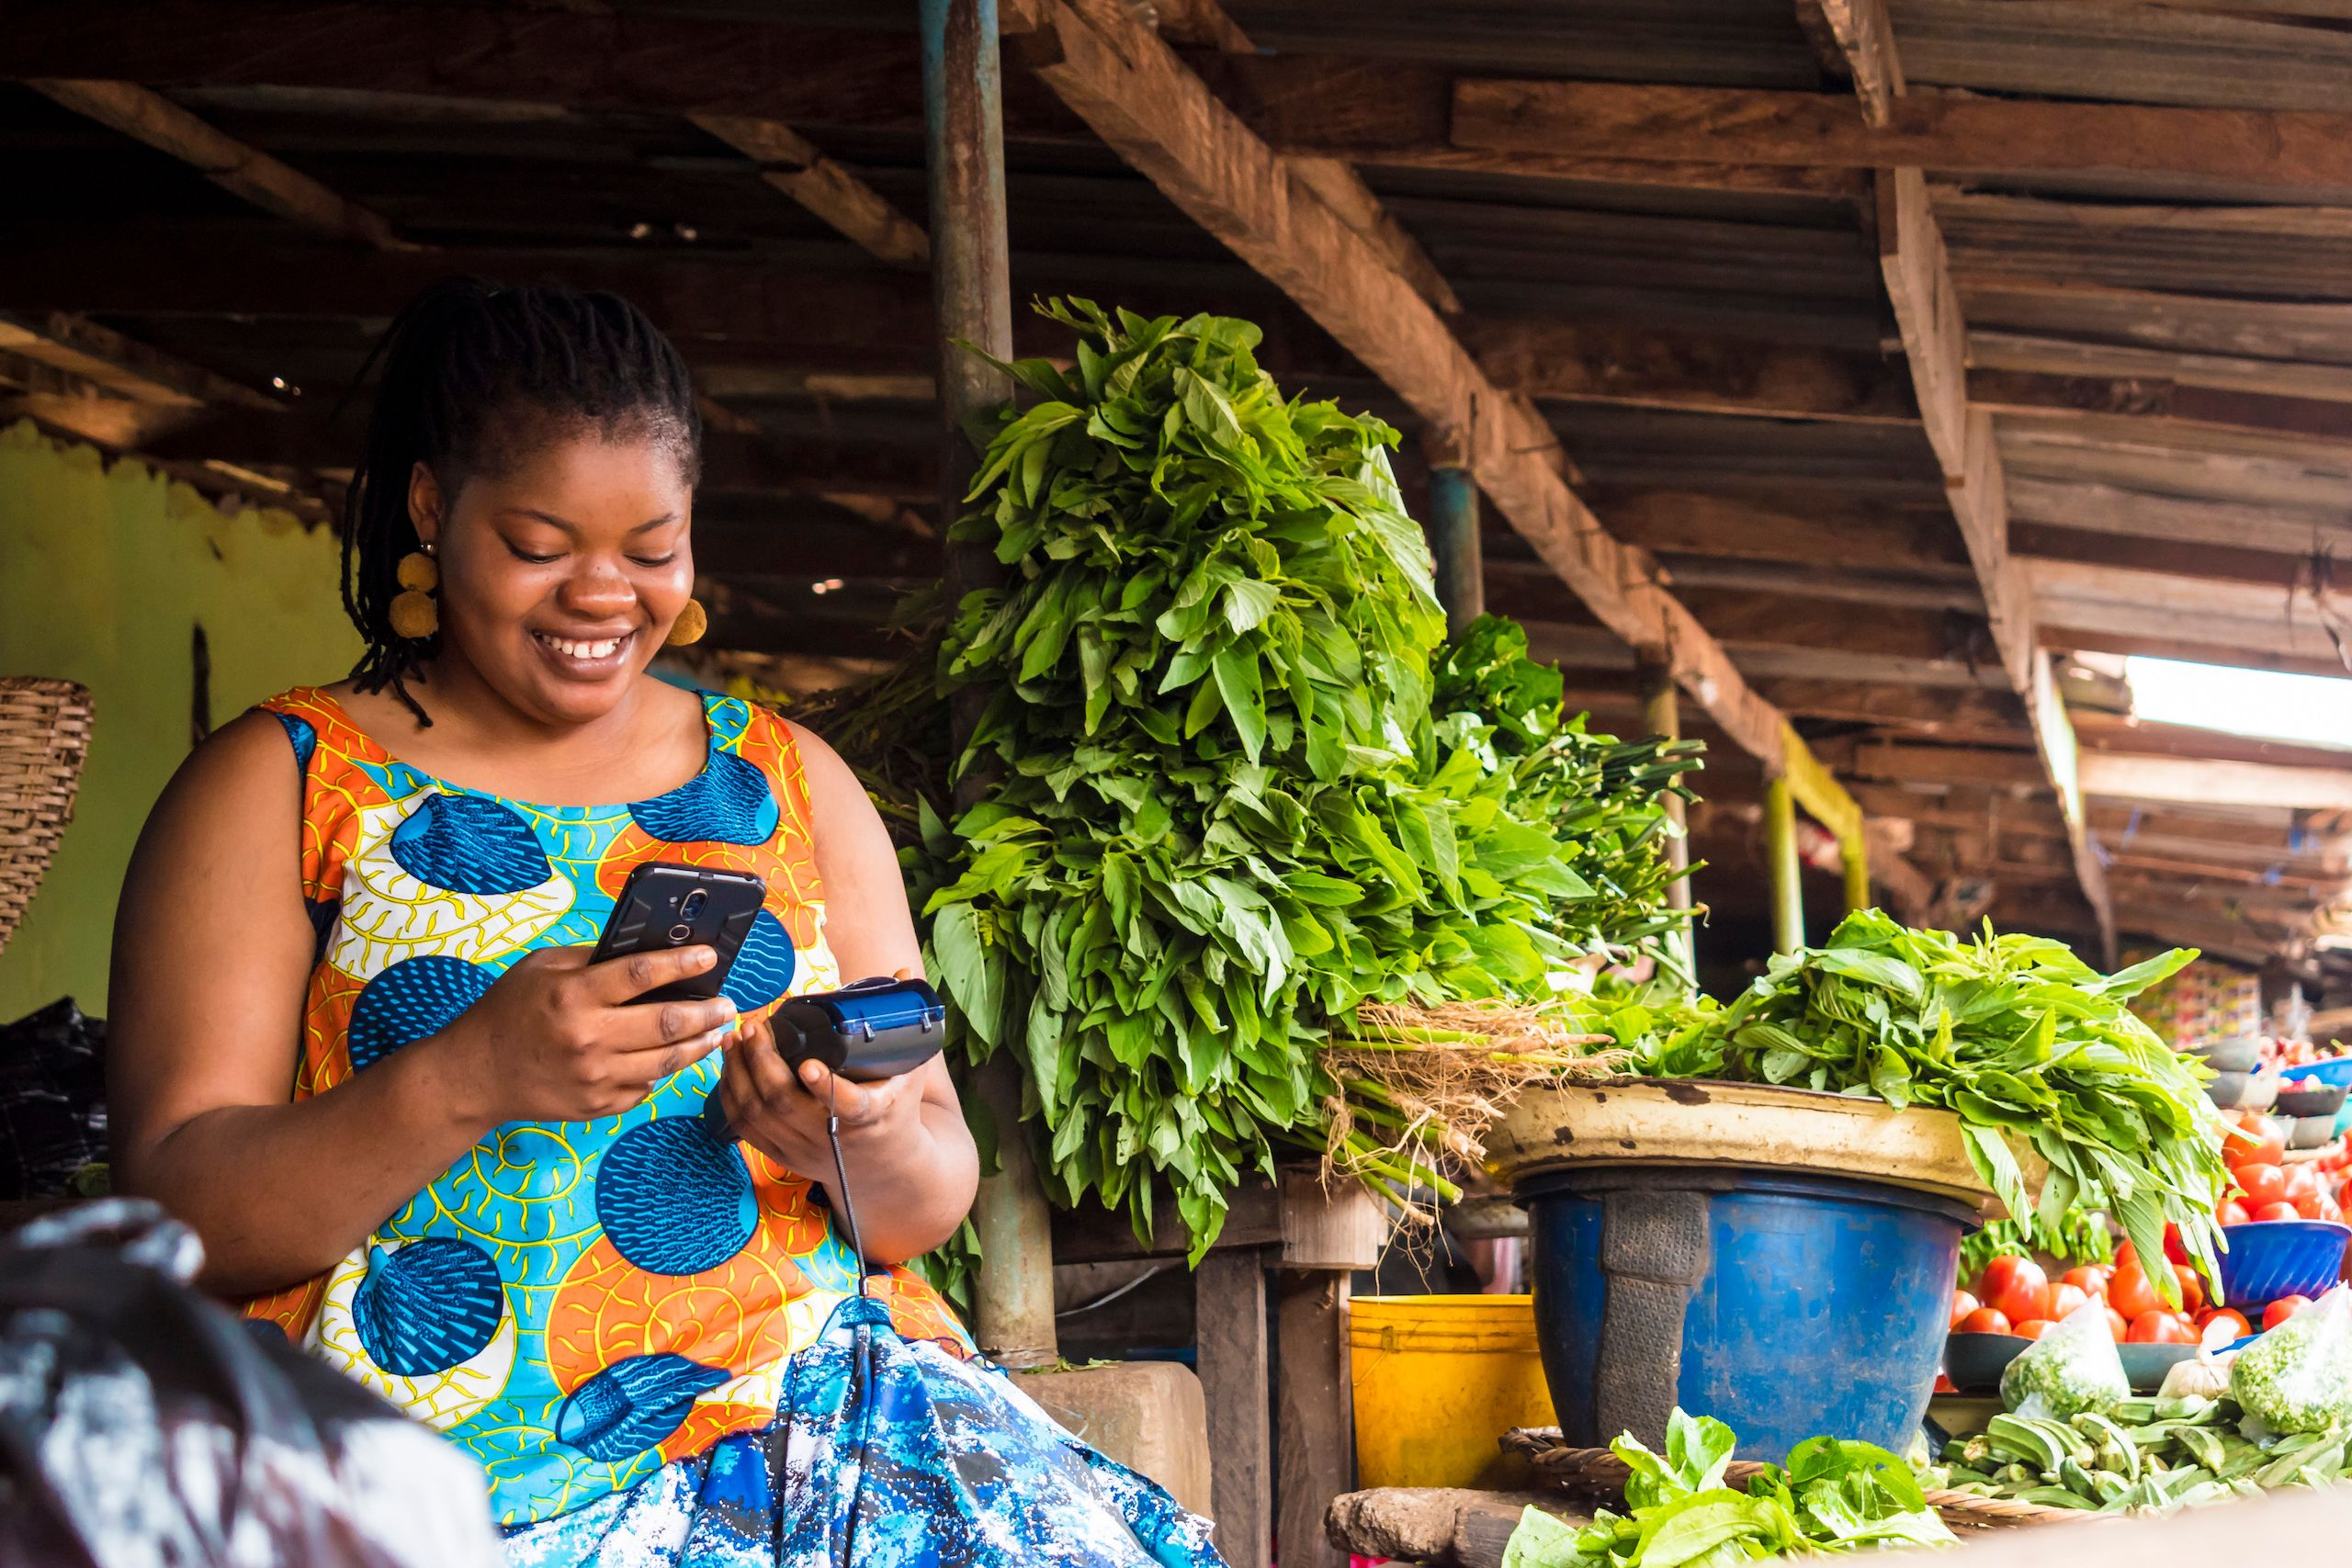 Femme_Africaine_paiement_téléphone